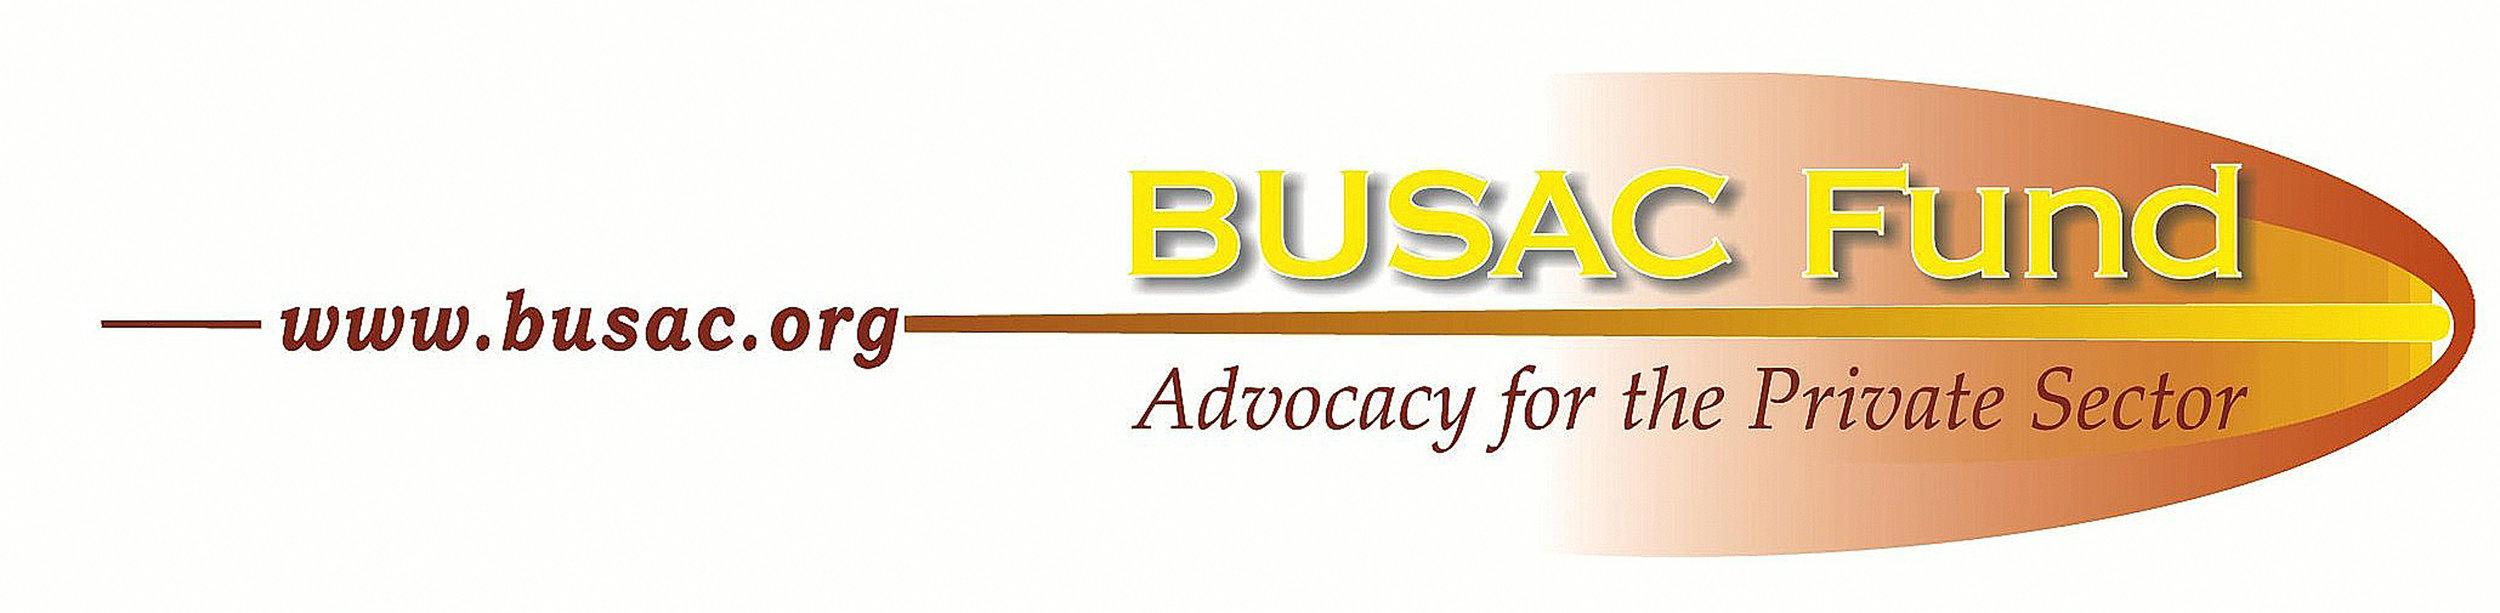 Copy of BUSAC-logo_2016.jpg